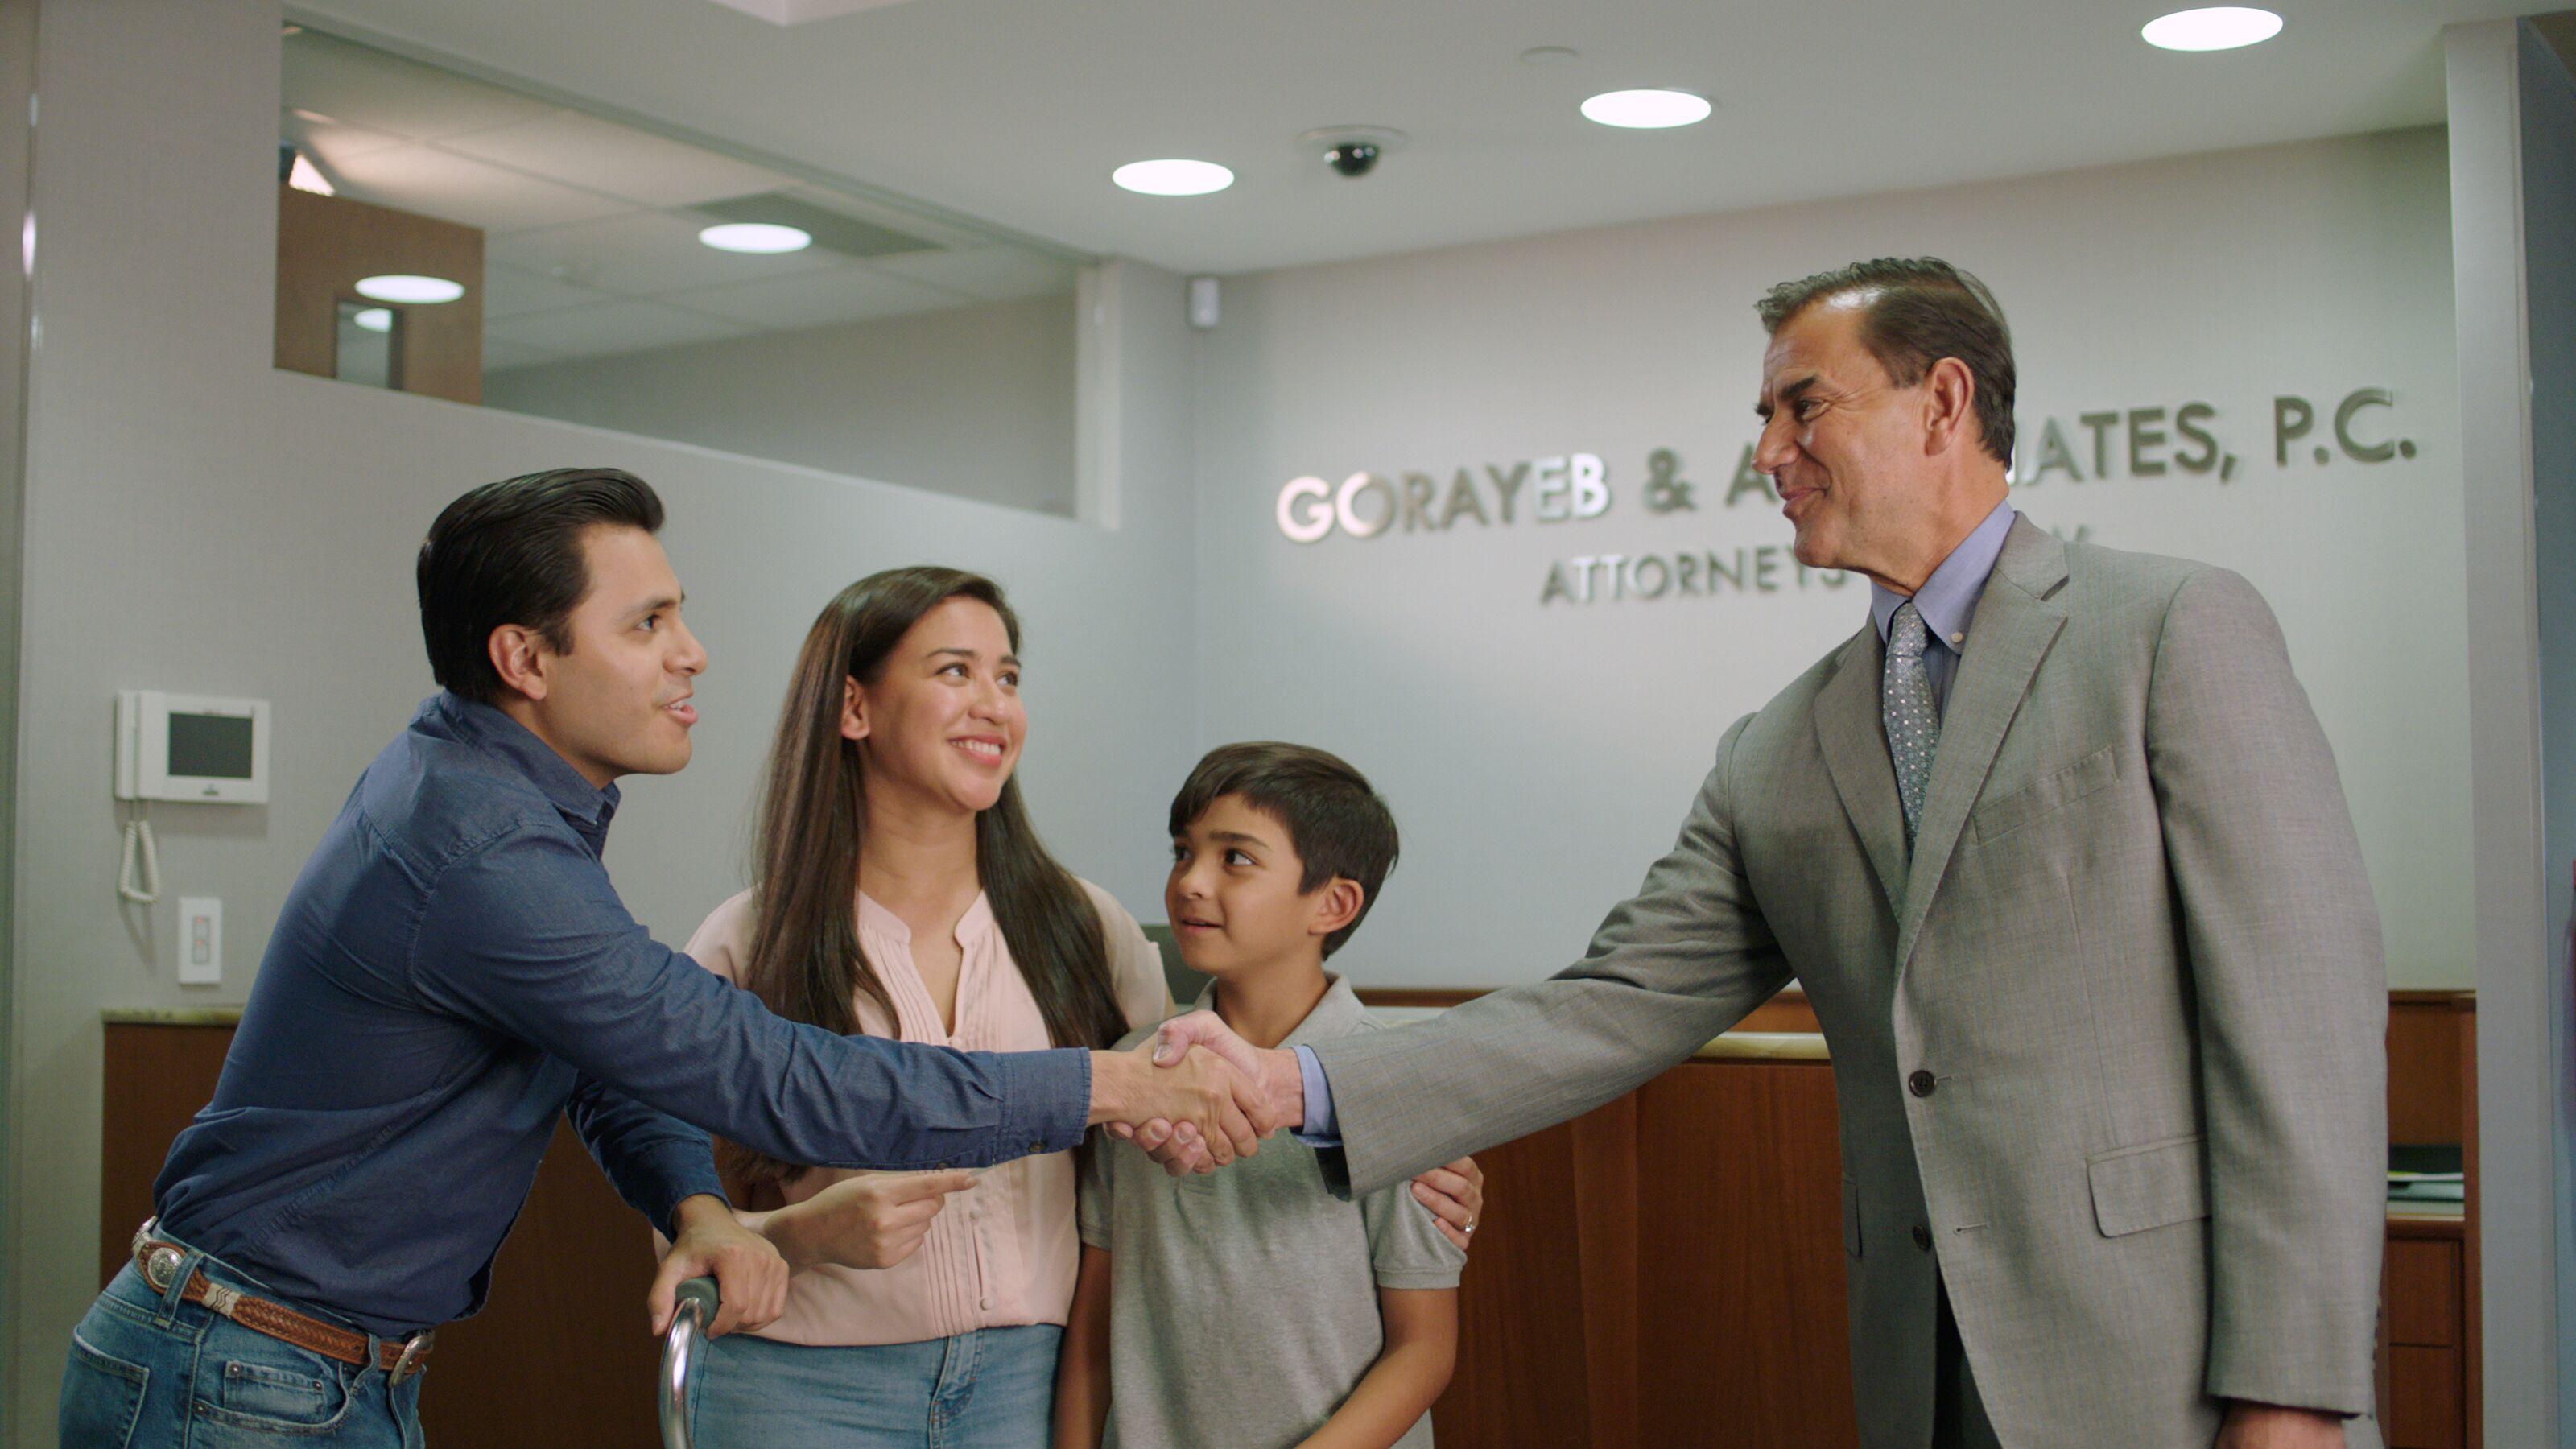 Chris Gorayeb estrechando la mano de una víctima de un accidente de construcción.